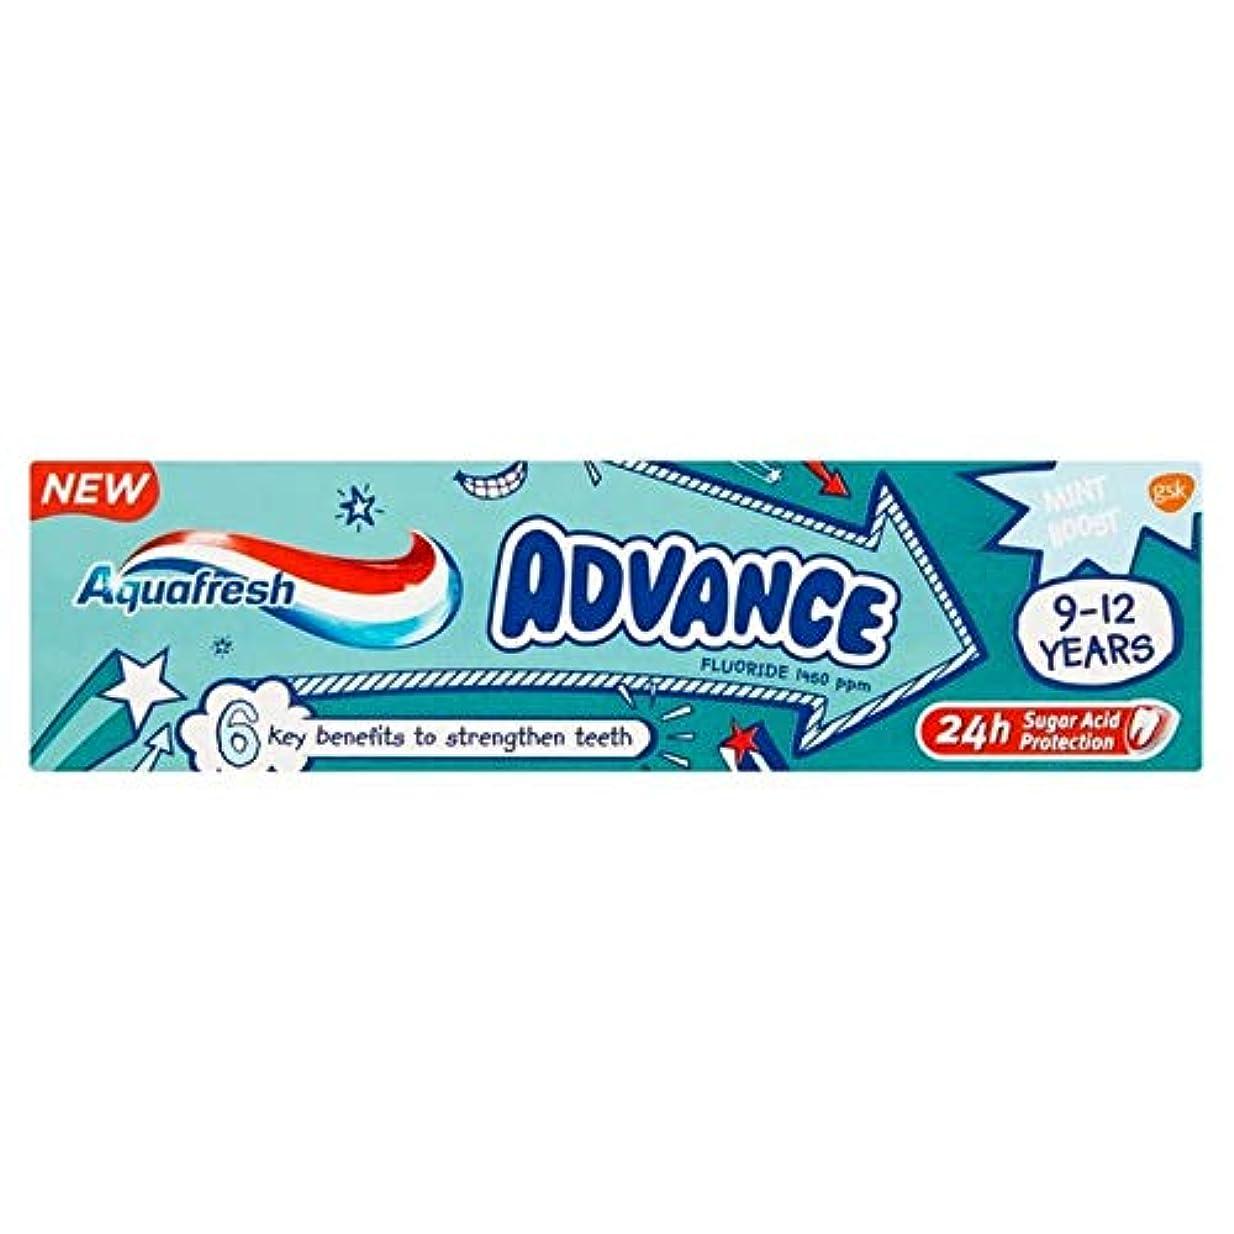 癒す分泌する地上で[Aquafresh ] アクアフレッシュの事前9-12年間の子供の歯磨き粉75ミリリットル - Aquafresh Advance 9-12 Years Kids Toothpaste 75ml [並行輸入品]